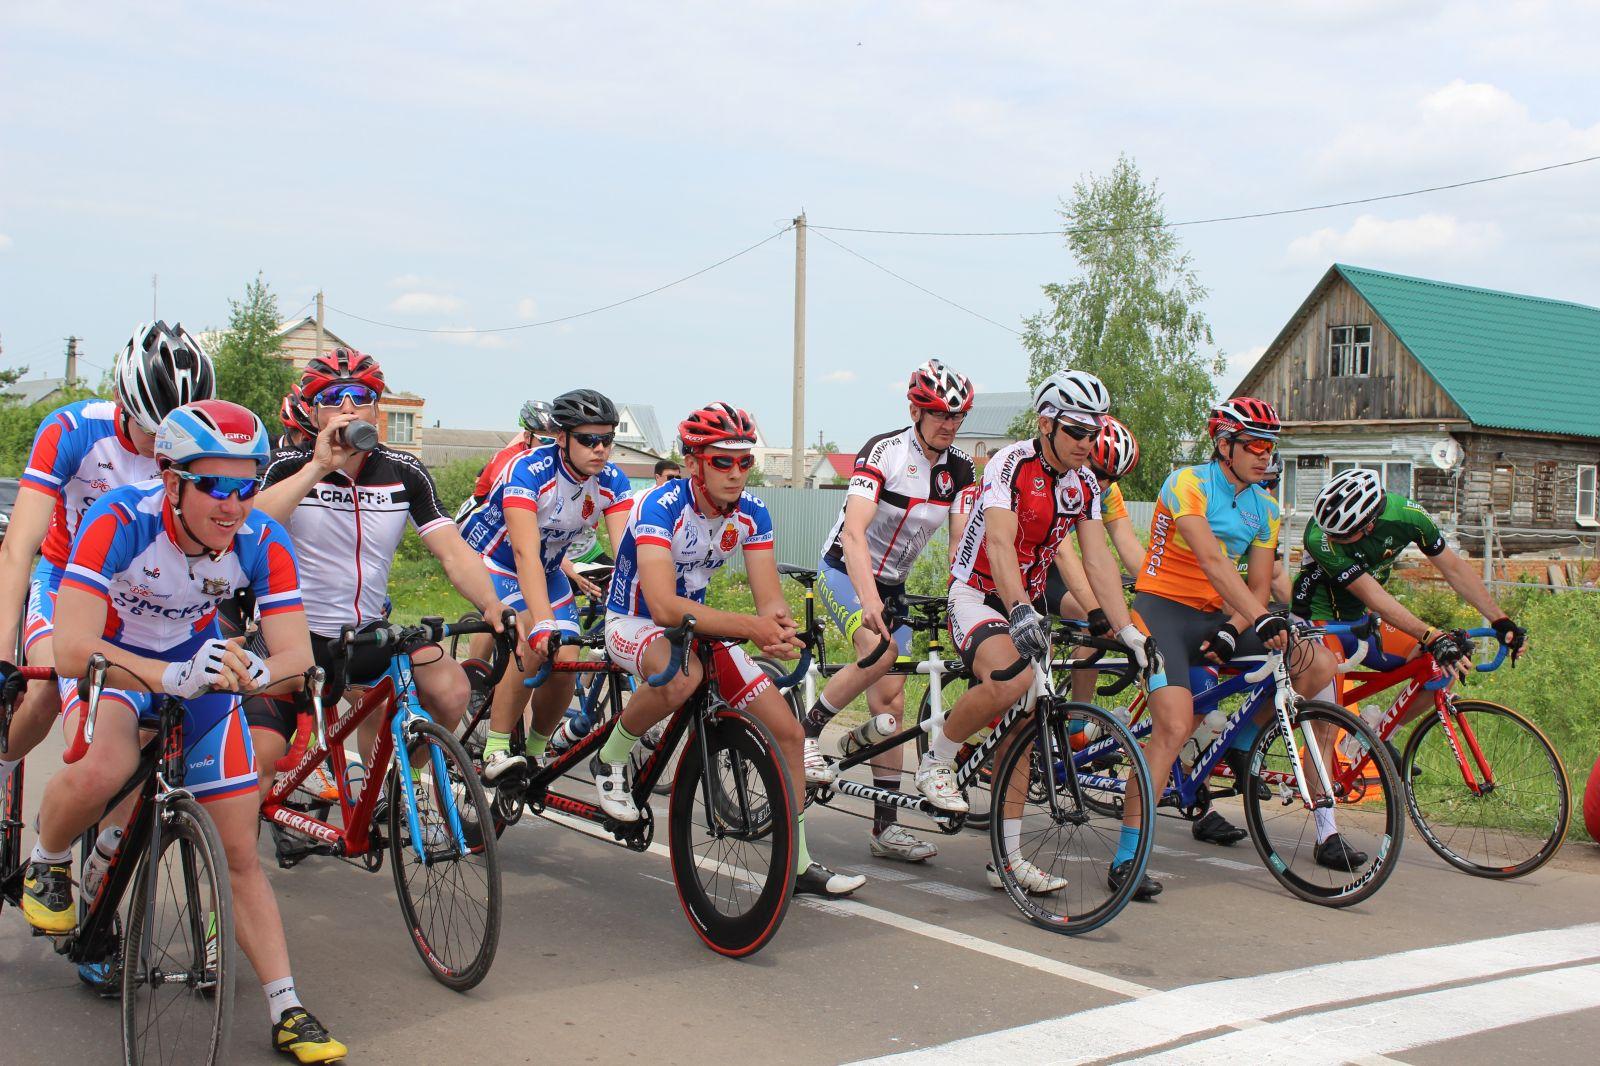 В Тамбовcкой области определены победители чемпионата России по велоспорту-тандем-шоссе среди лиц с нарушением зрения